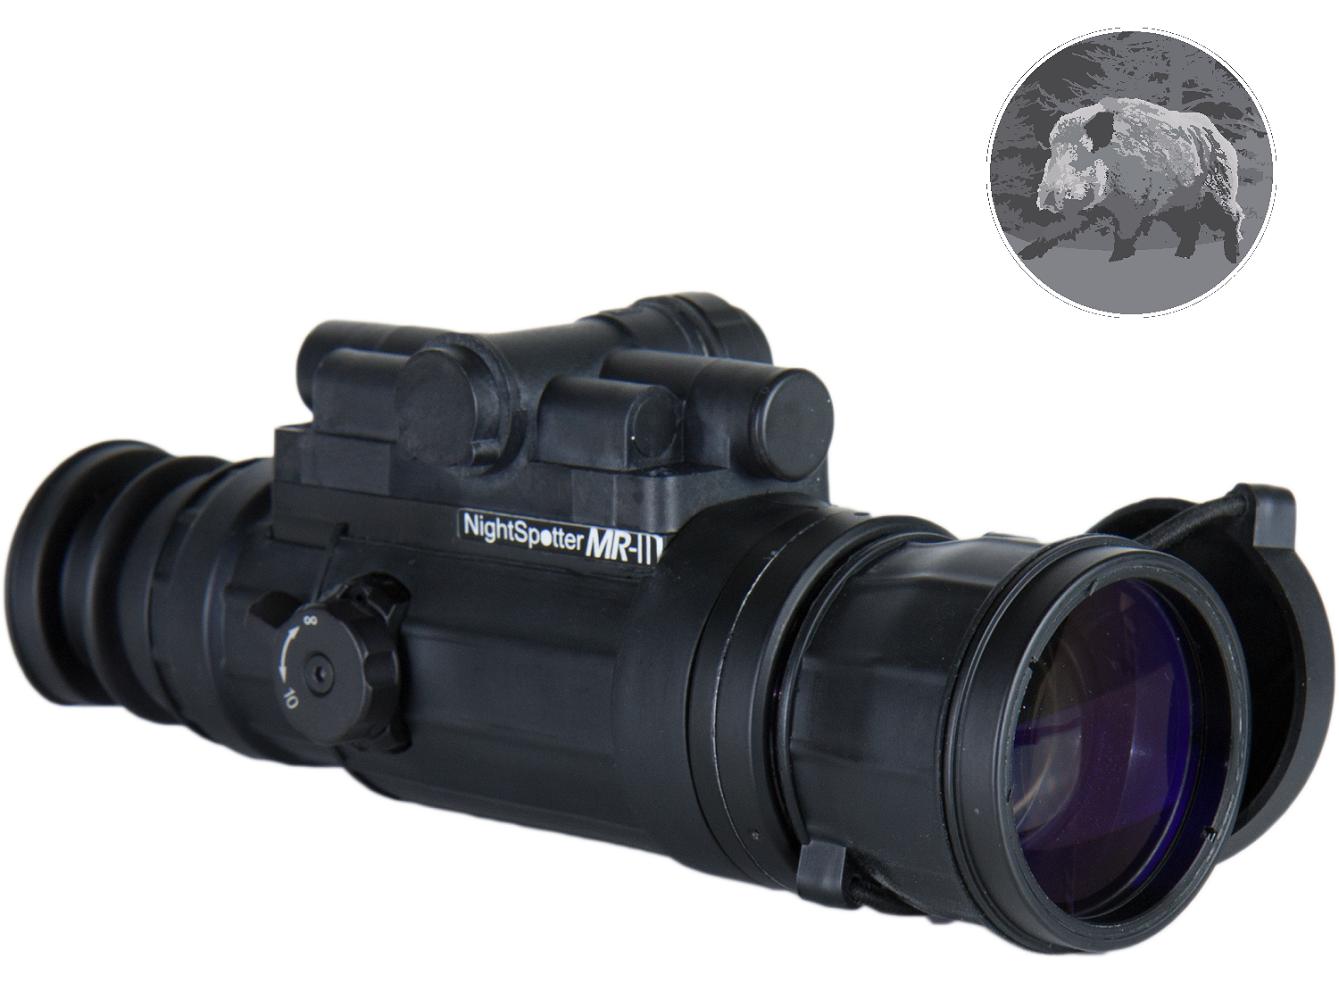 Nachtsichtgerät nightspotter mr 2.0 gen 2 schwarz weiß